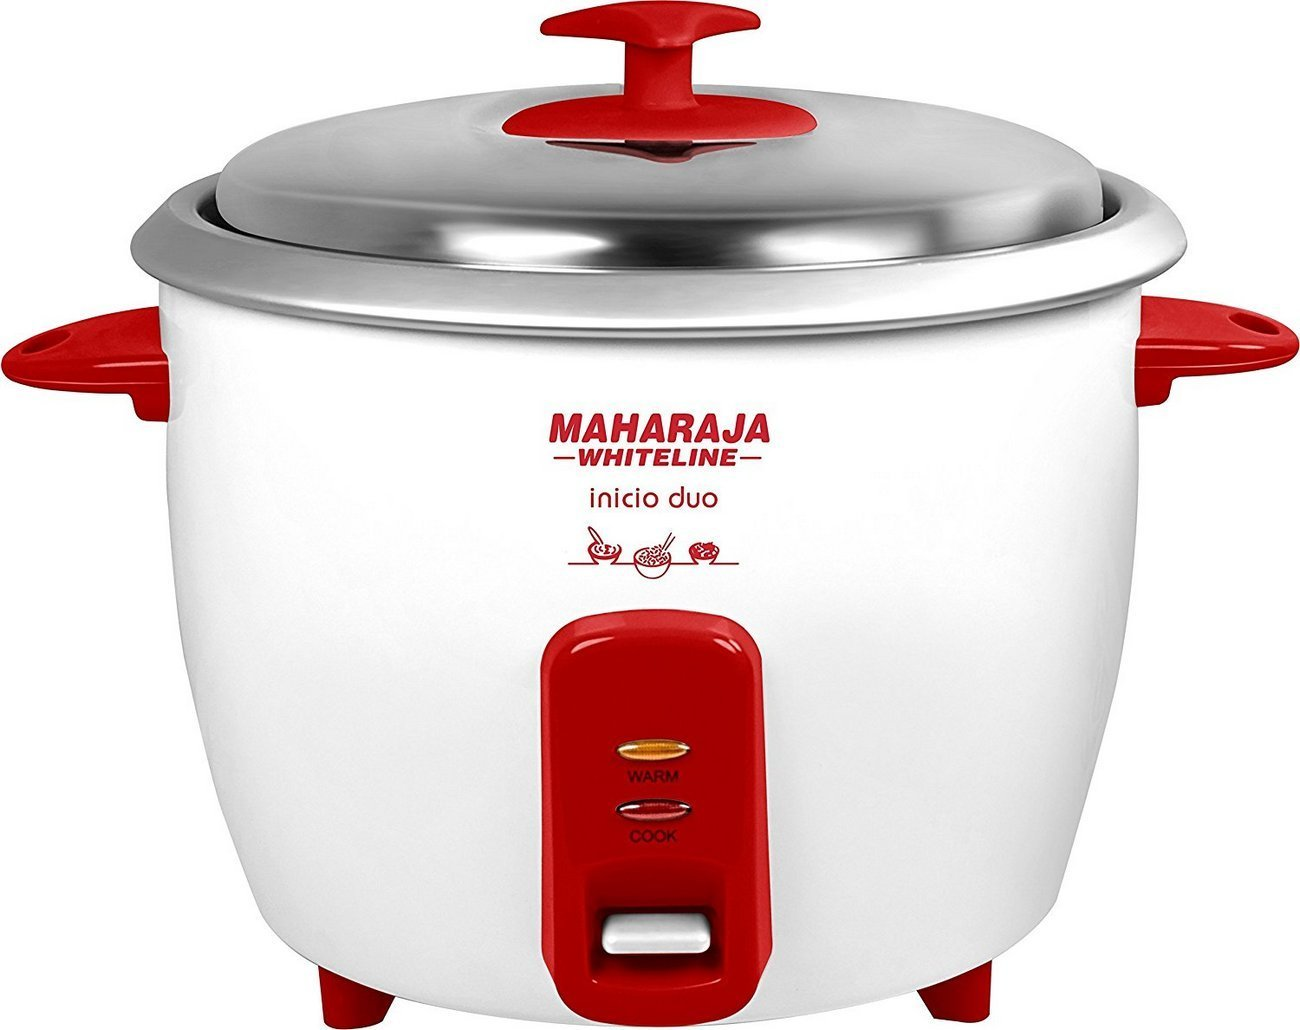 Maharaja Whiteline Inicio Duo 750-Watt Rice Cooker (Red and White)